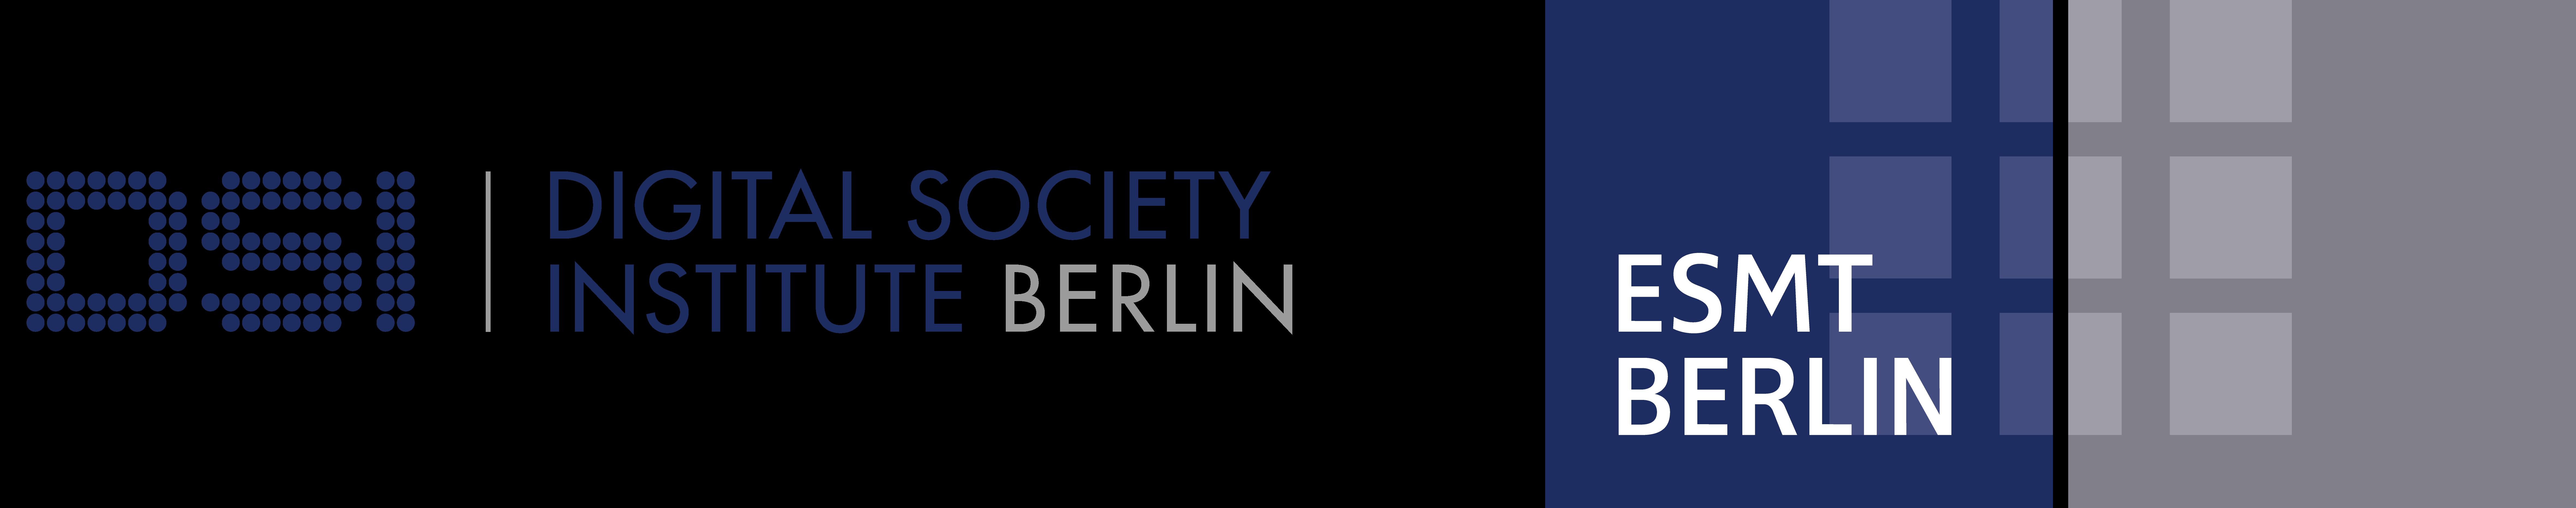 Digital Society Insitute (ESMT), Berlin